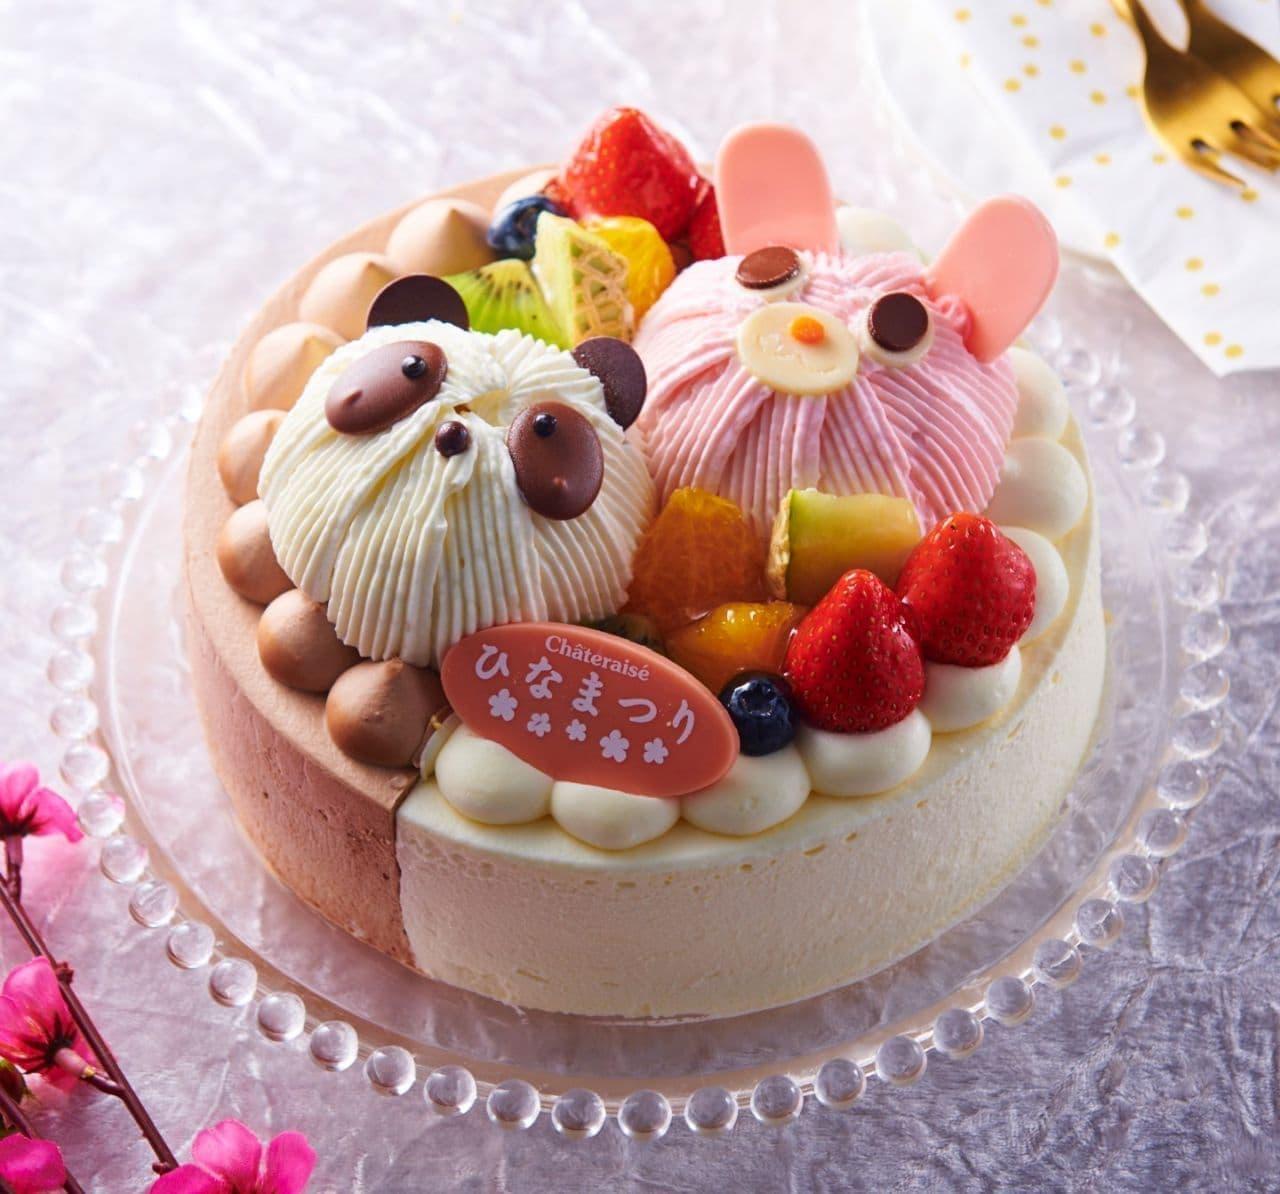 シャトレーゼ『ひなまつりケーキ』